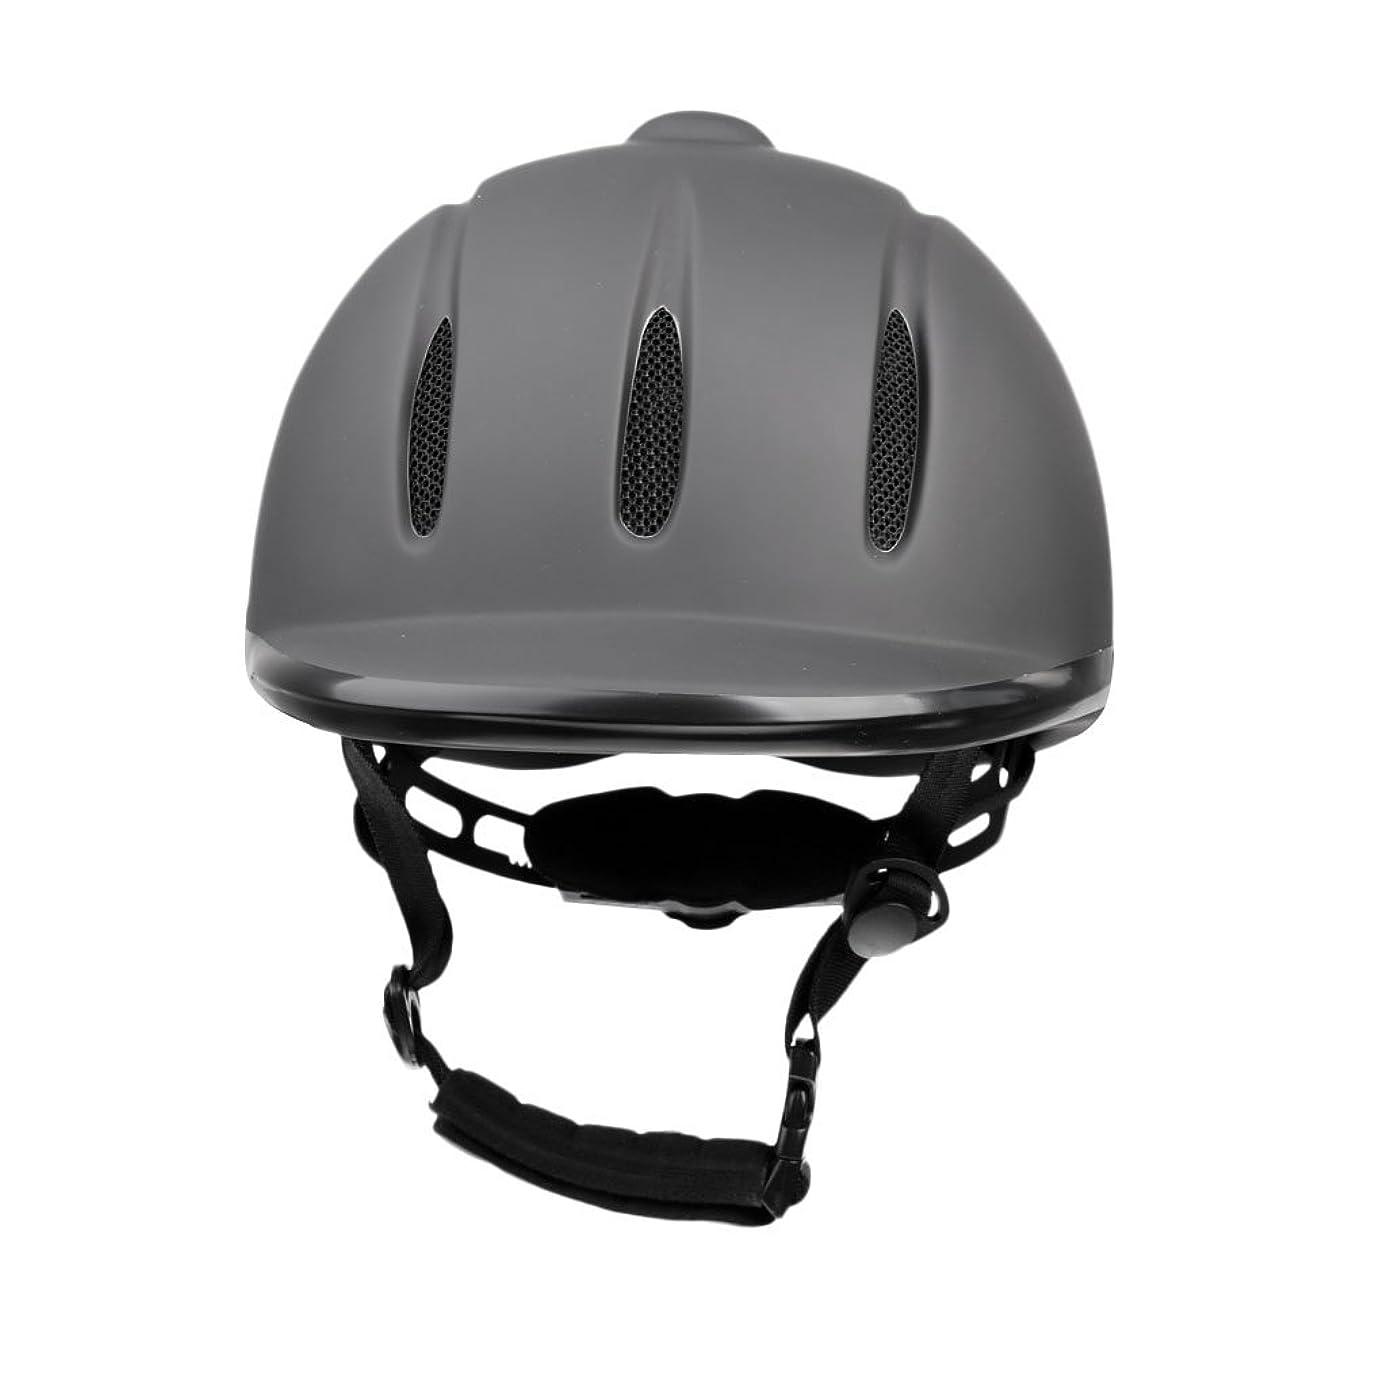 子猫線形承知しましたSunniMix 乗馬用ヘルメット 安全 馬具 軽量 通気性抜群 便利 調節可能 快適 ブラック 全4サイズ